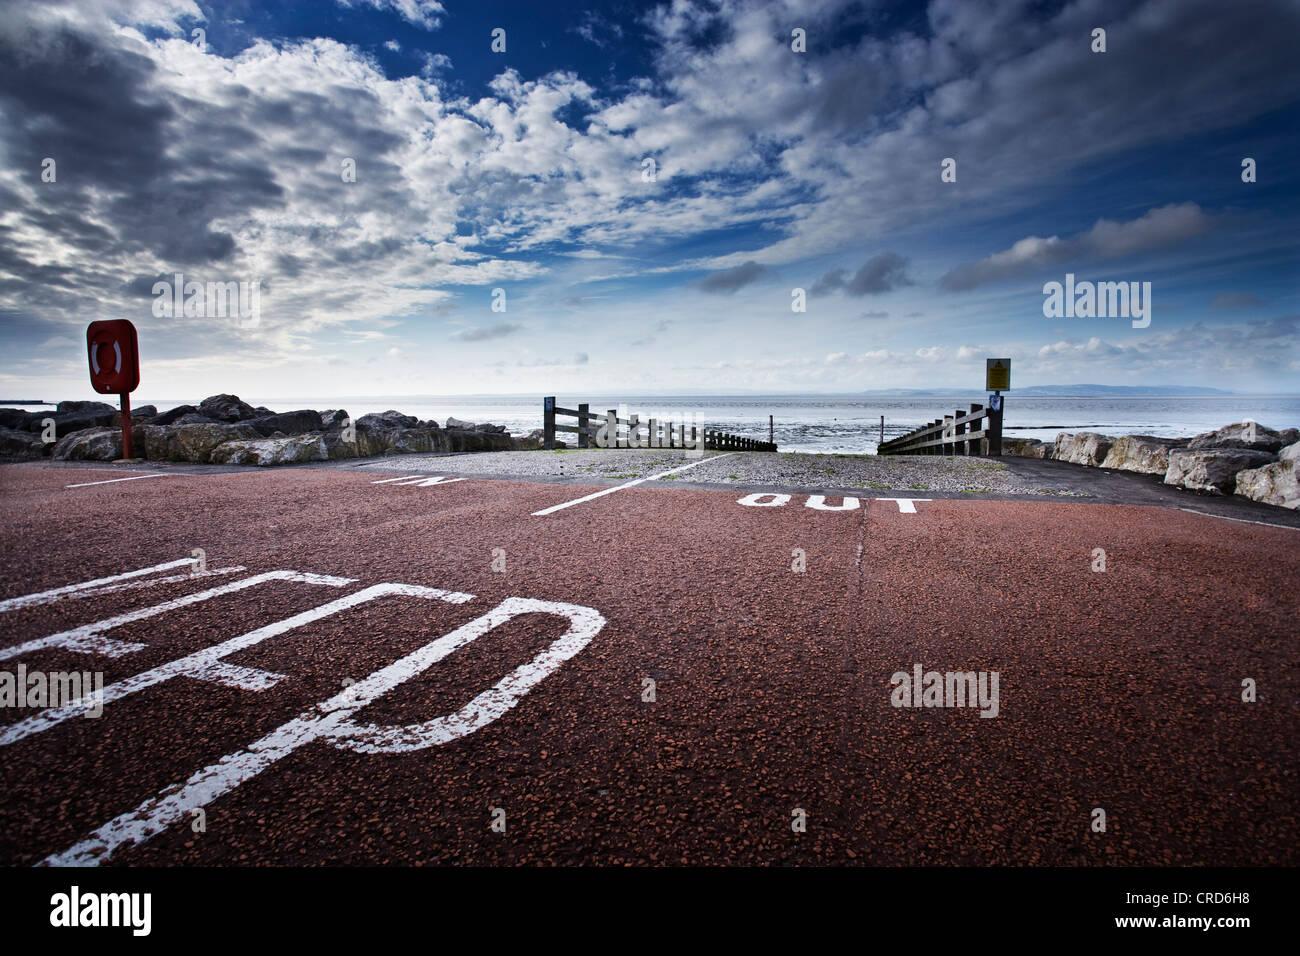 Las zonas costeras para el coche fondos morecombe uk Imagen De Stock